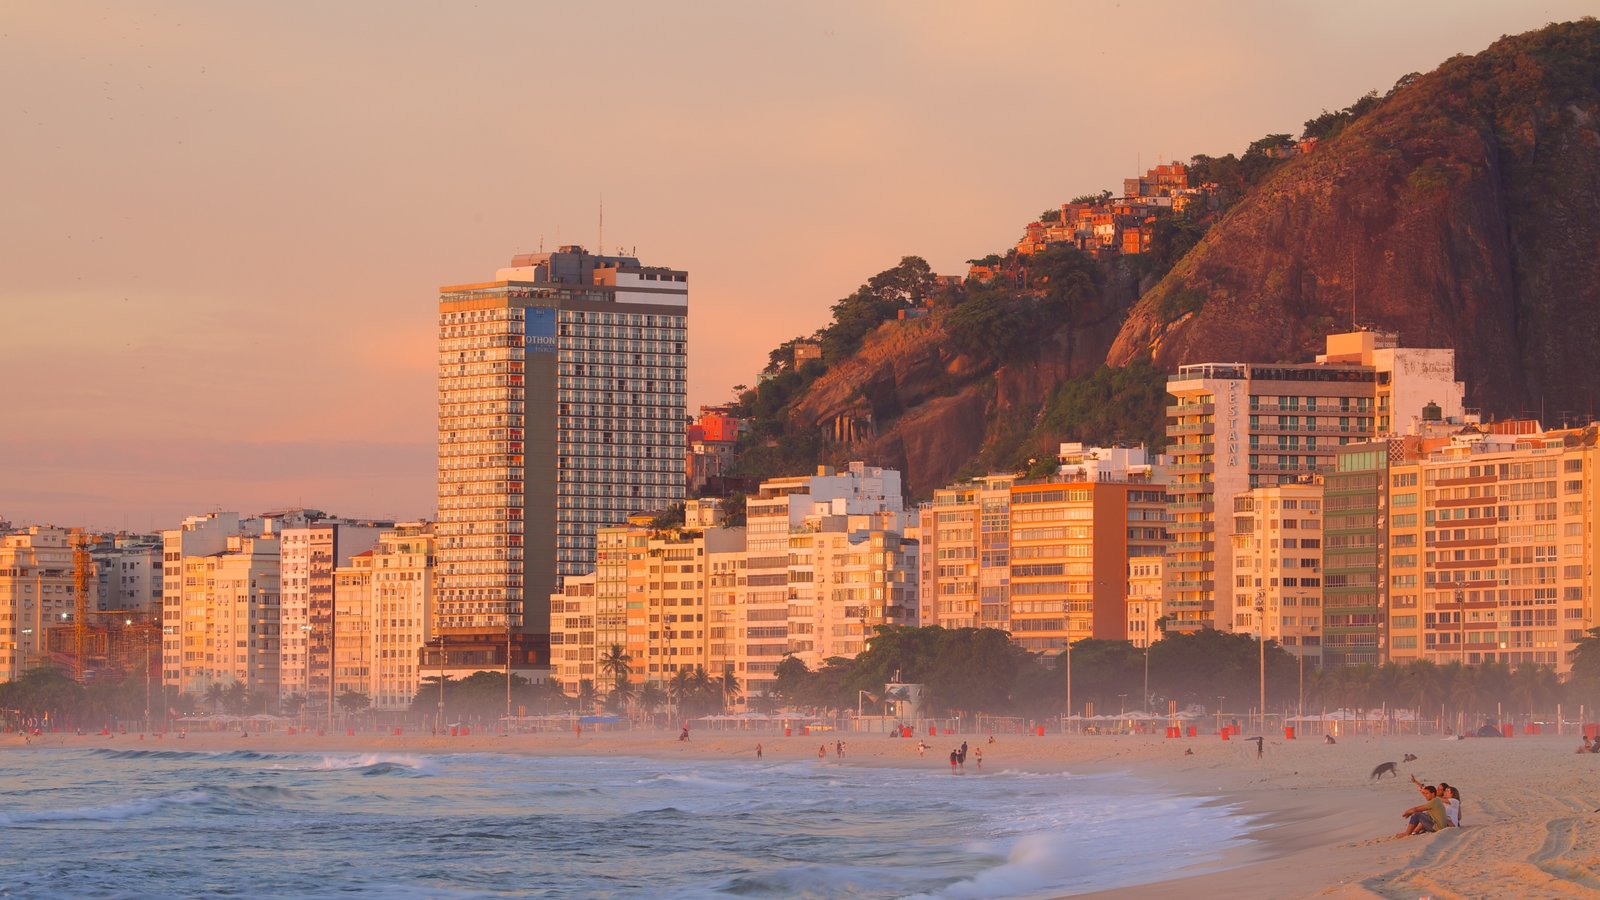 Praia de Copacabana que inclui uma praia de areia e uma cidade litorânea